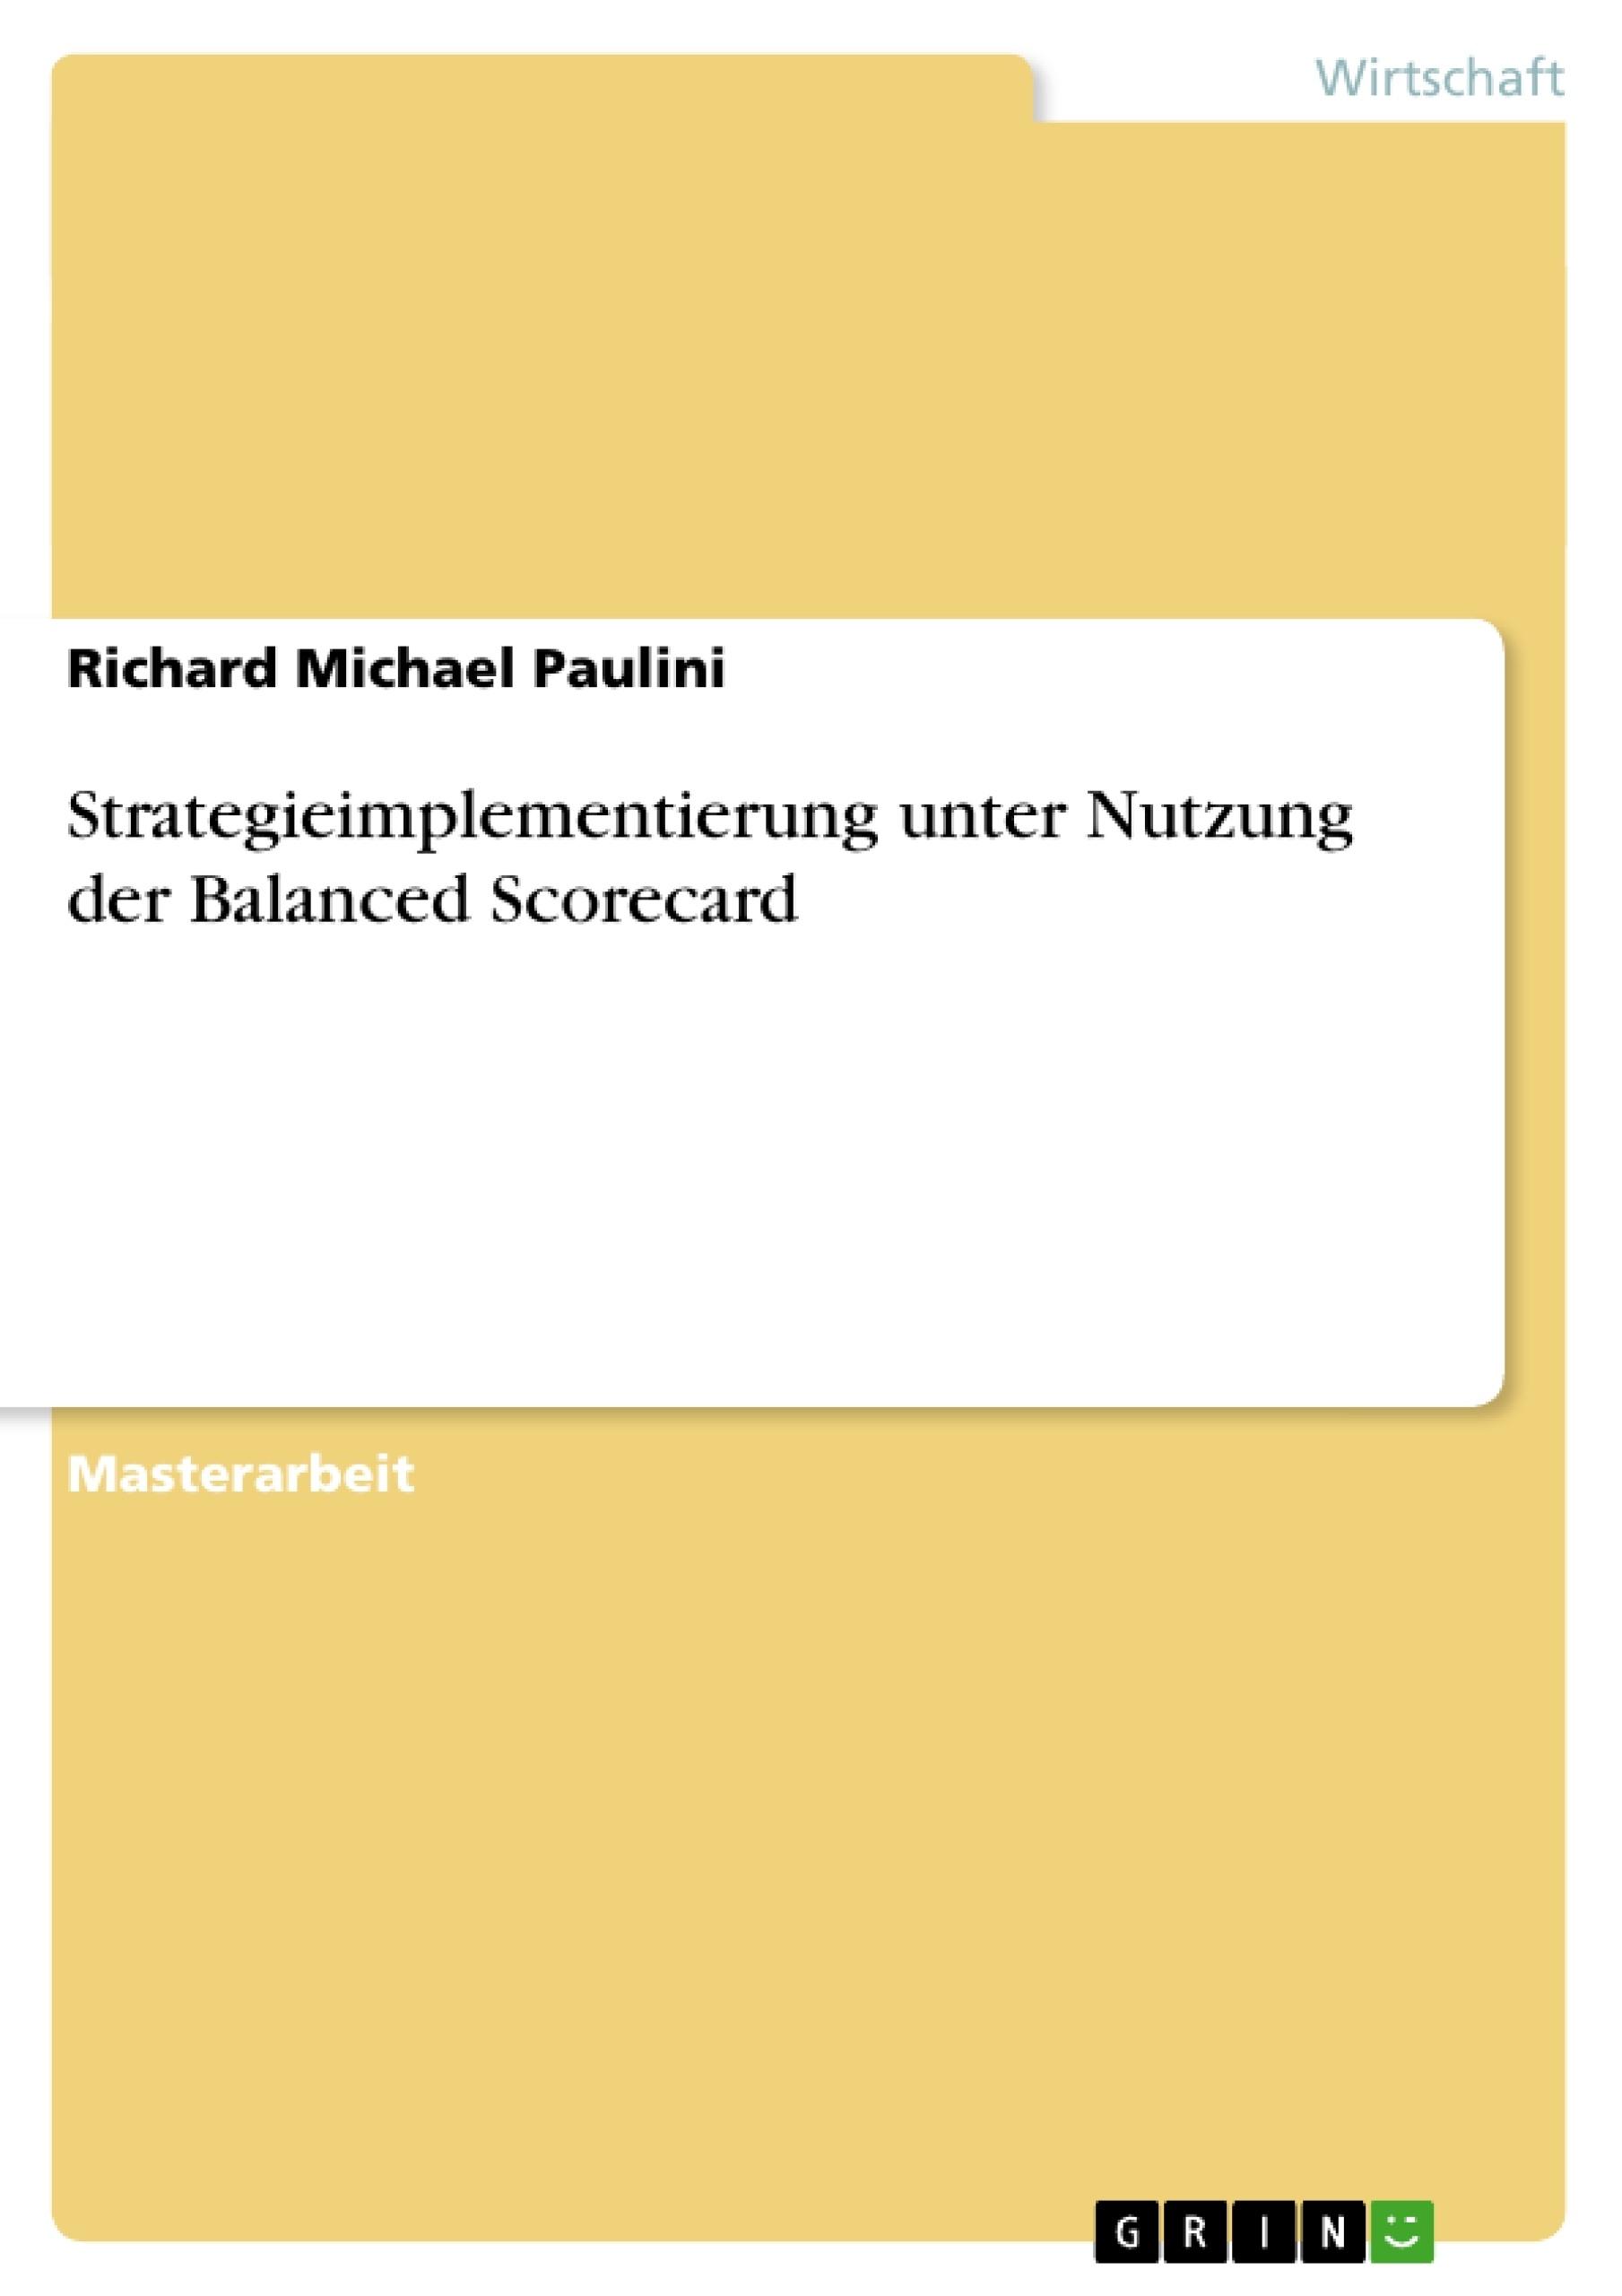 Titel: Strategieimplementierung unter Nutzung der Balanced Scorecard